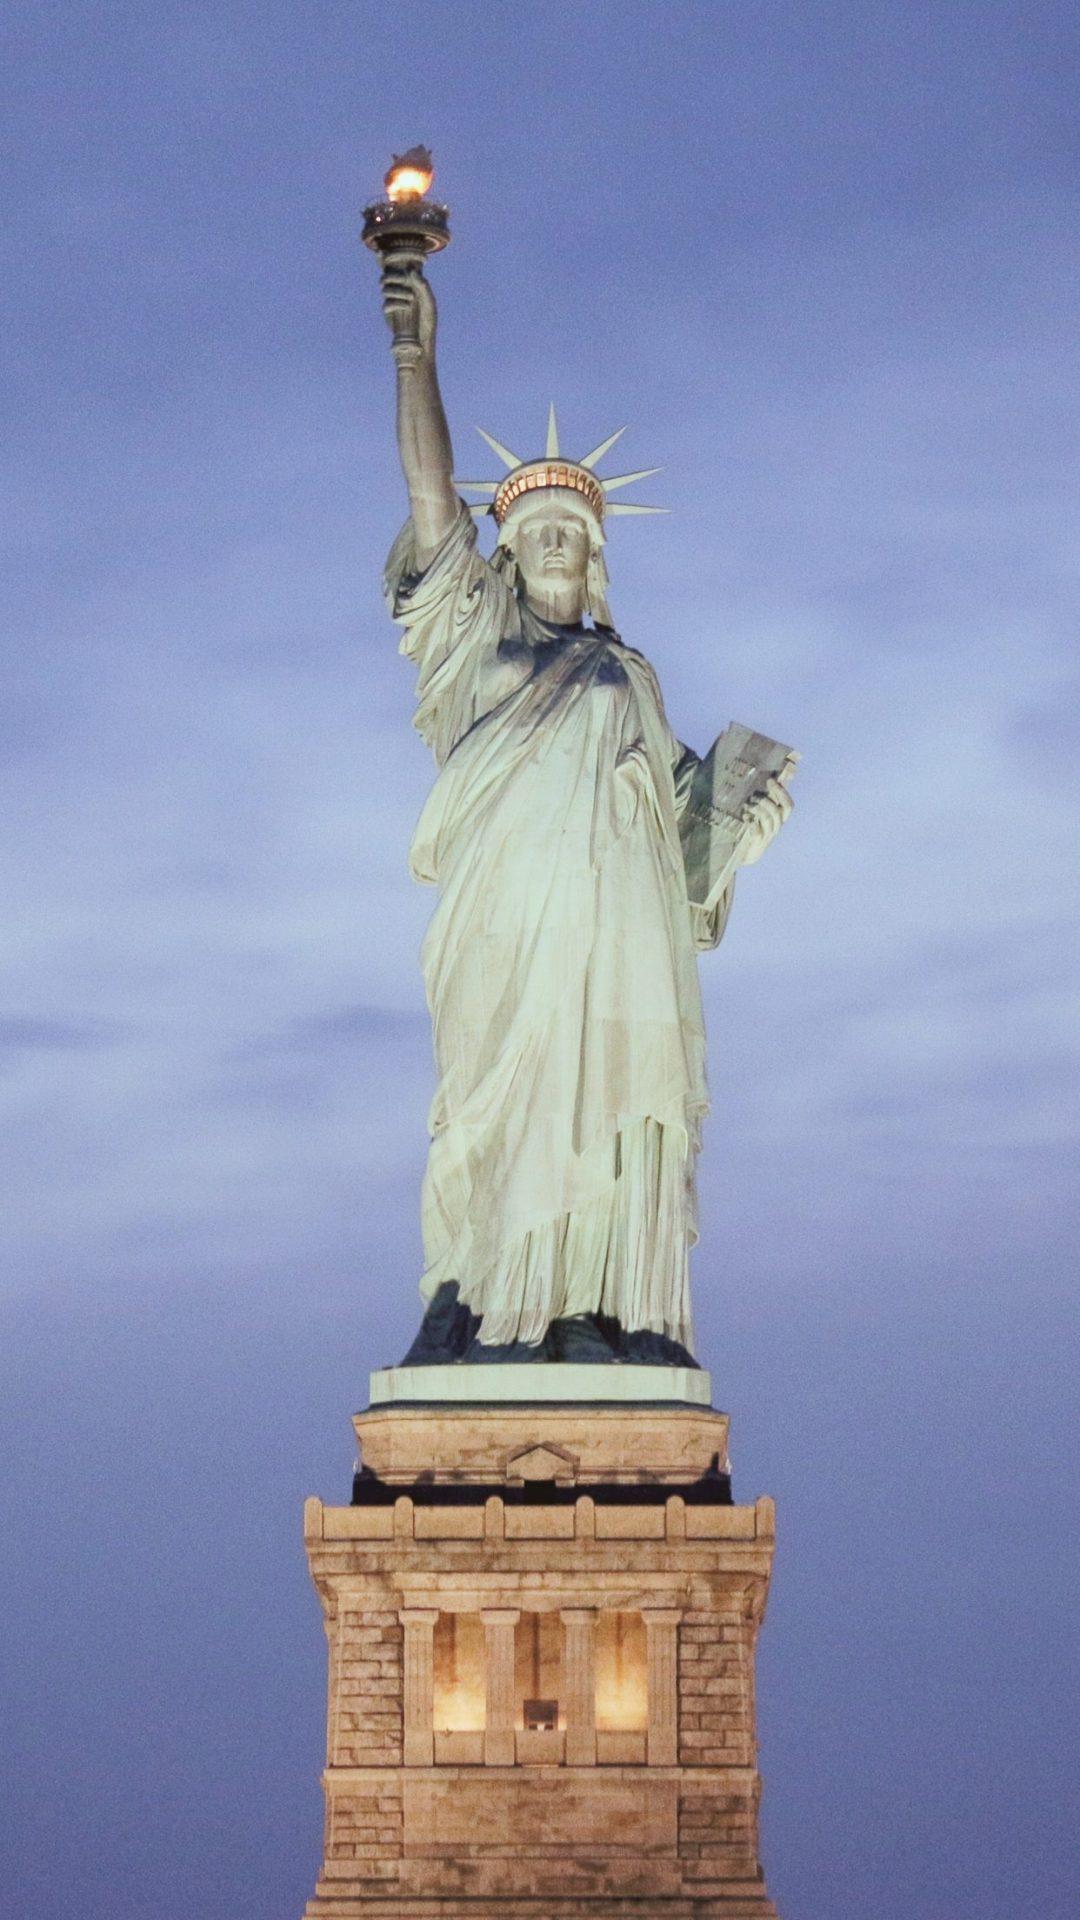 Lady liberty photography